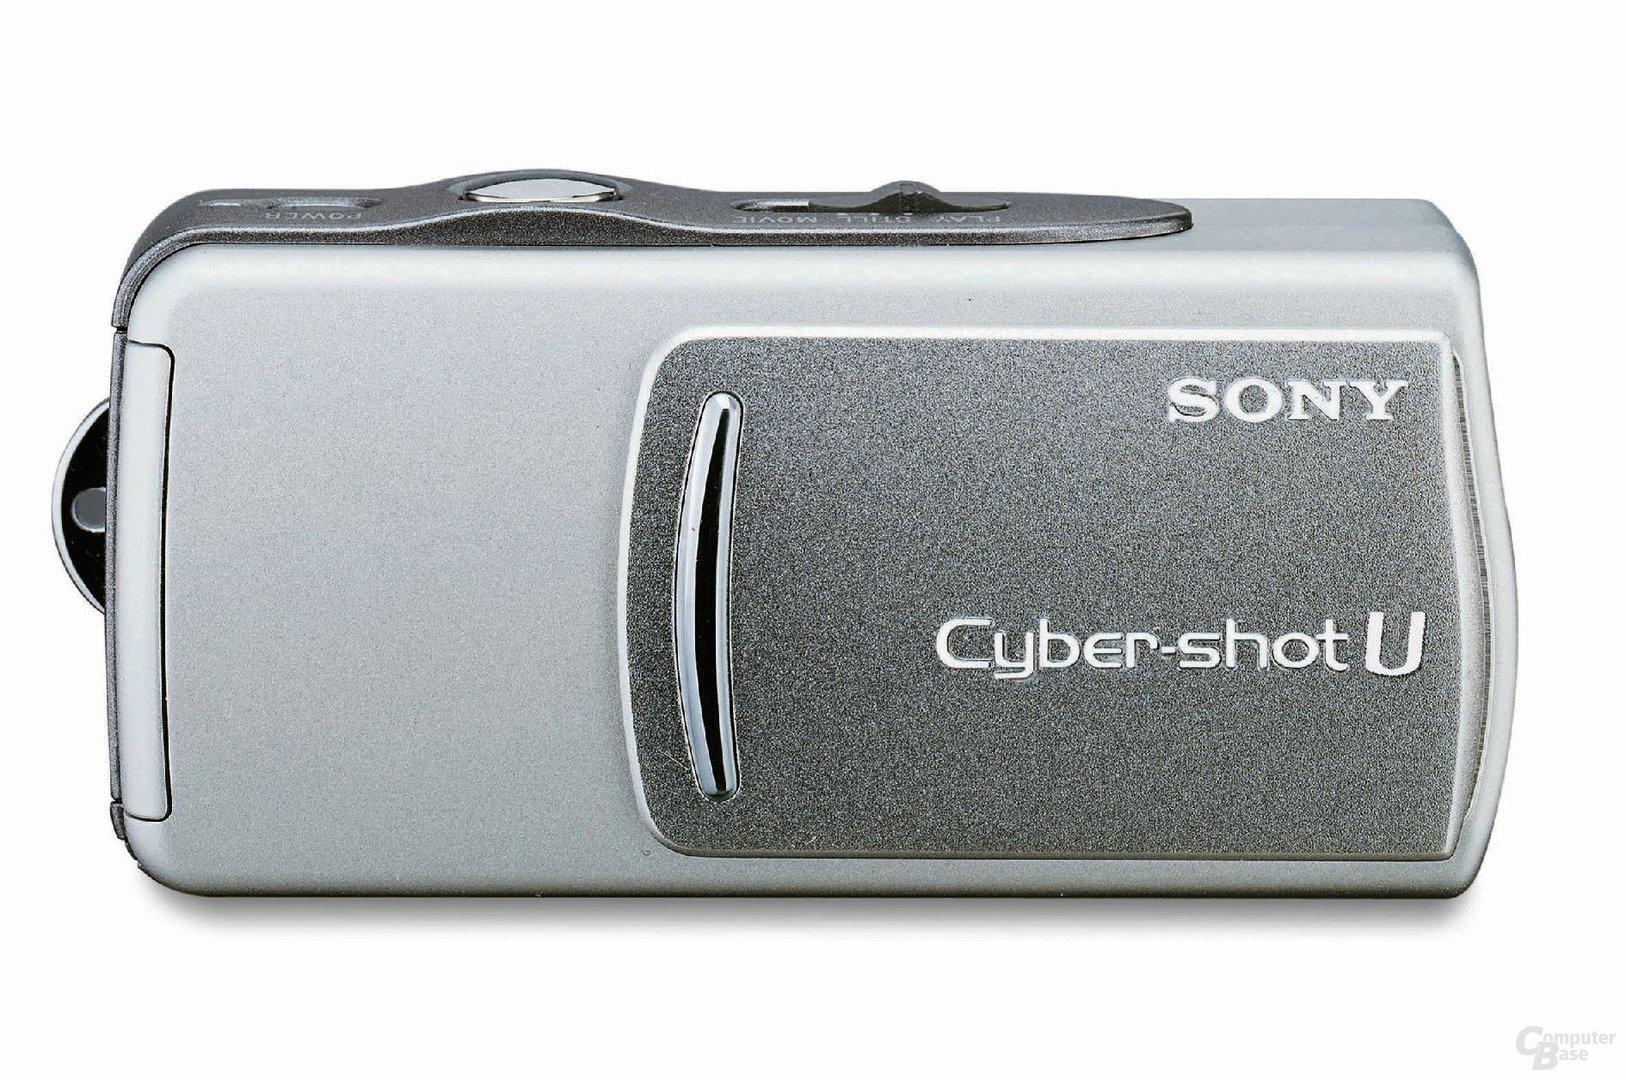 Sony Cybershot U in Silber